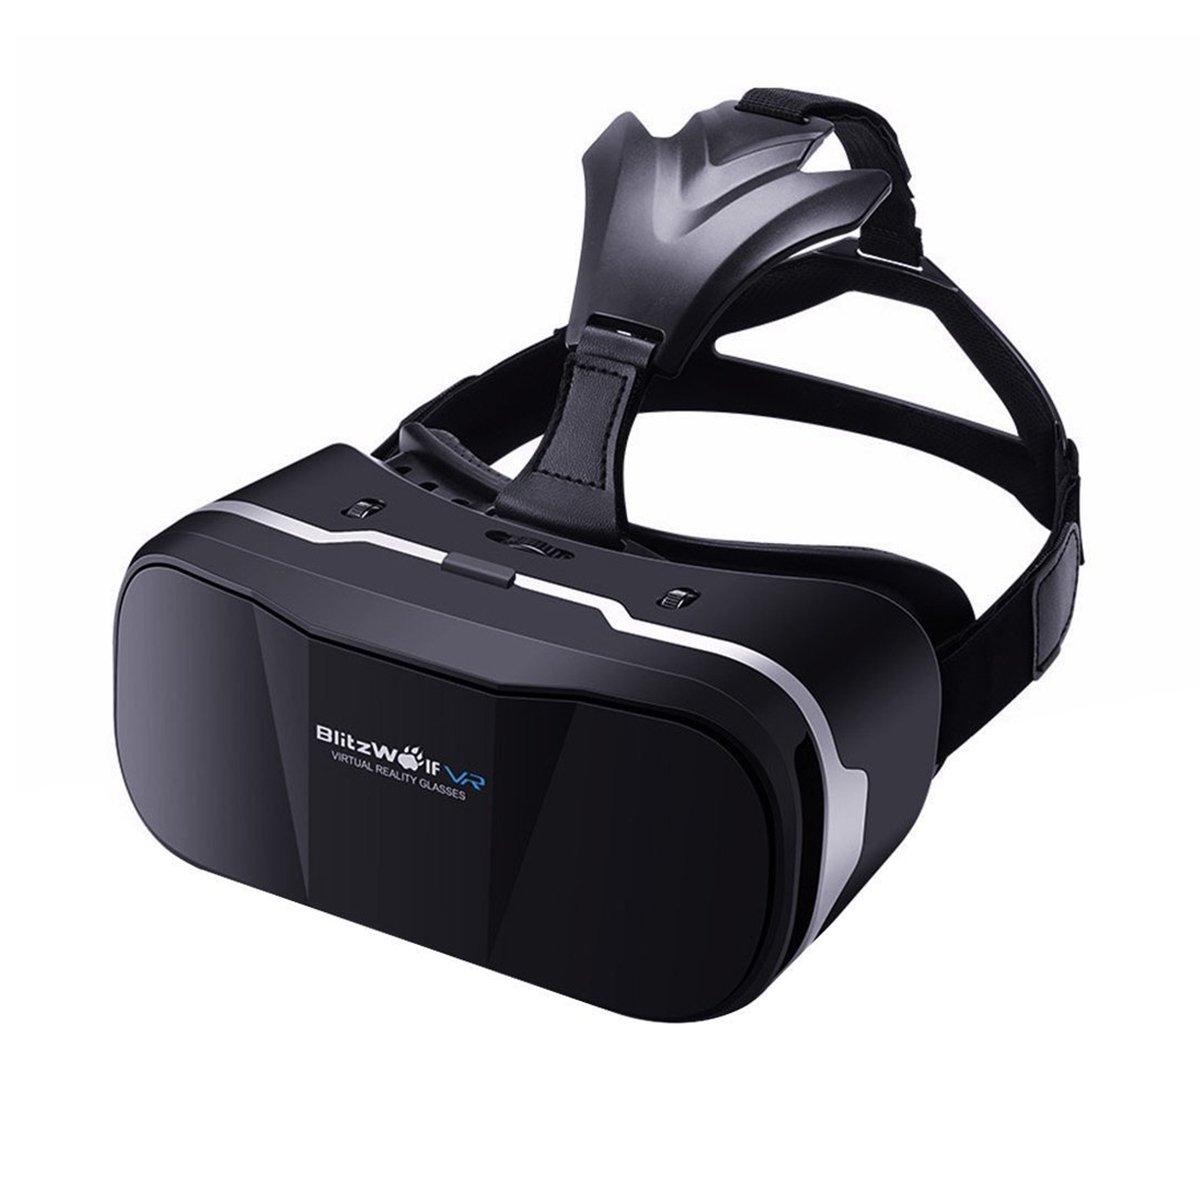 BlitzWolf Occhiali 3D Virtuali VR, 3D Occhiali da Realtà Virtuale per Godere Giochi/Film Compatibile per iPhone, Samsung, LG, SONY ed Altri Smartphone Android di 4,7-6 Pollici BW-VR3